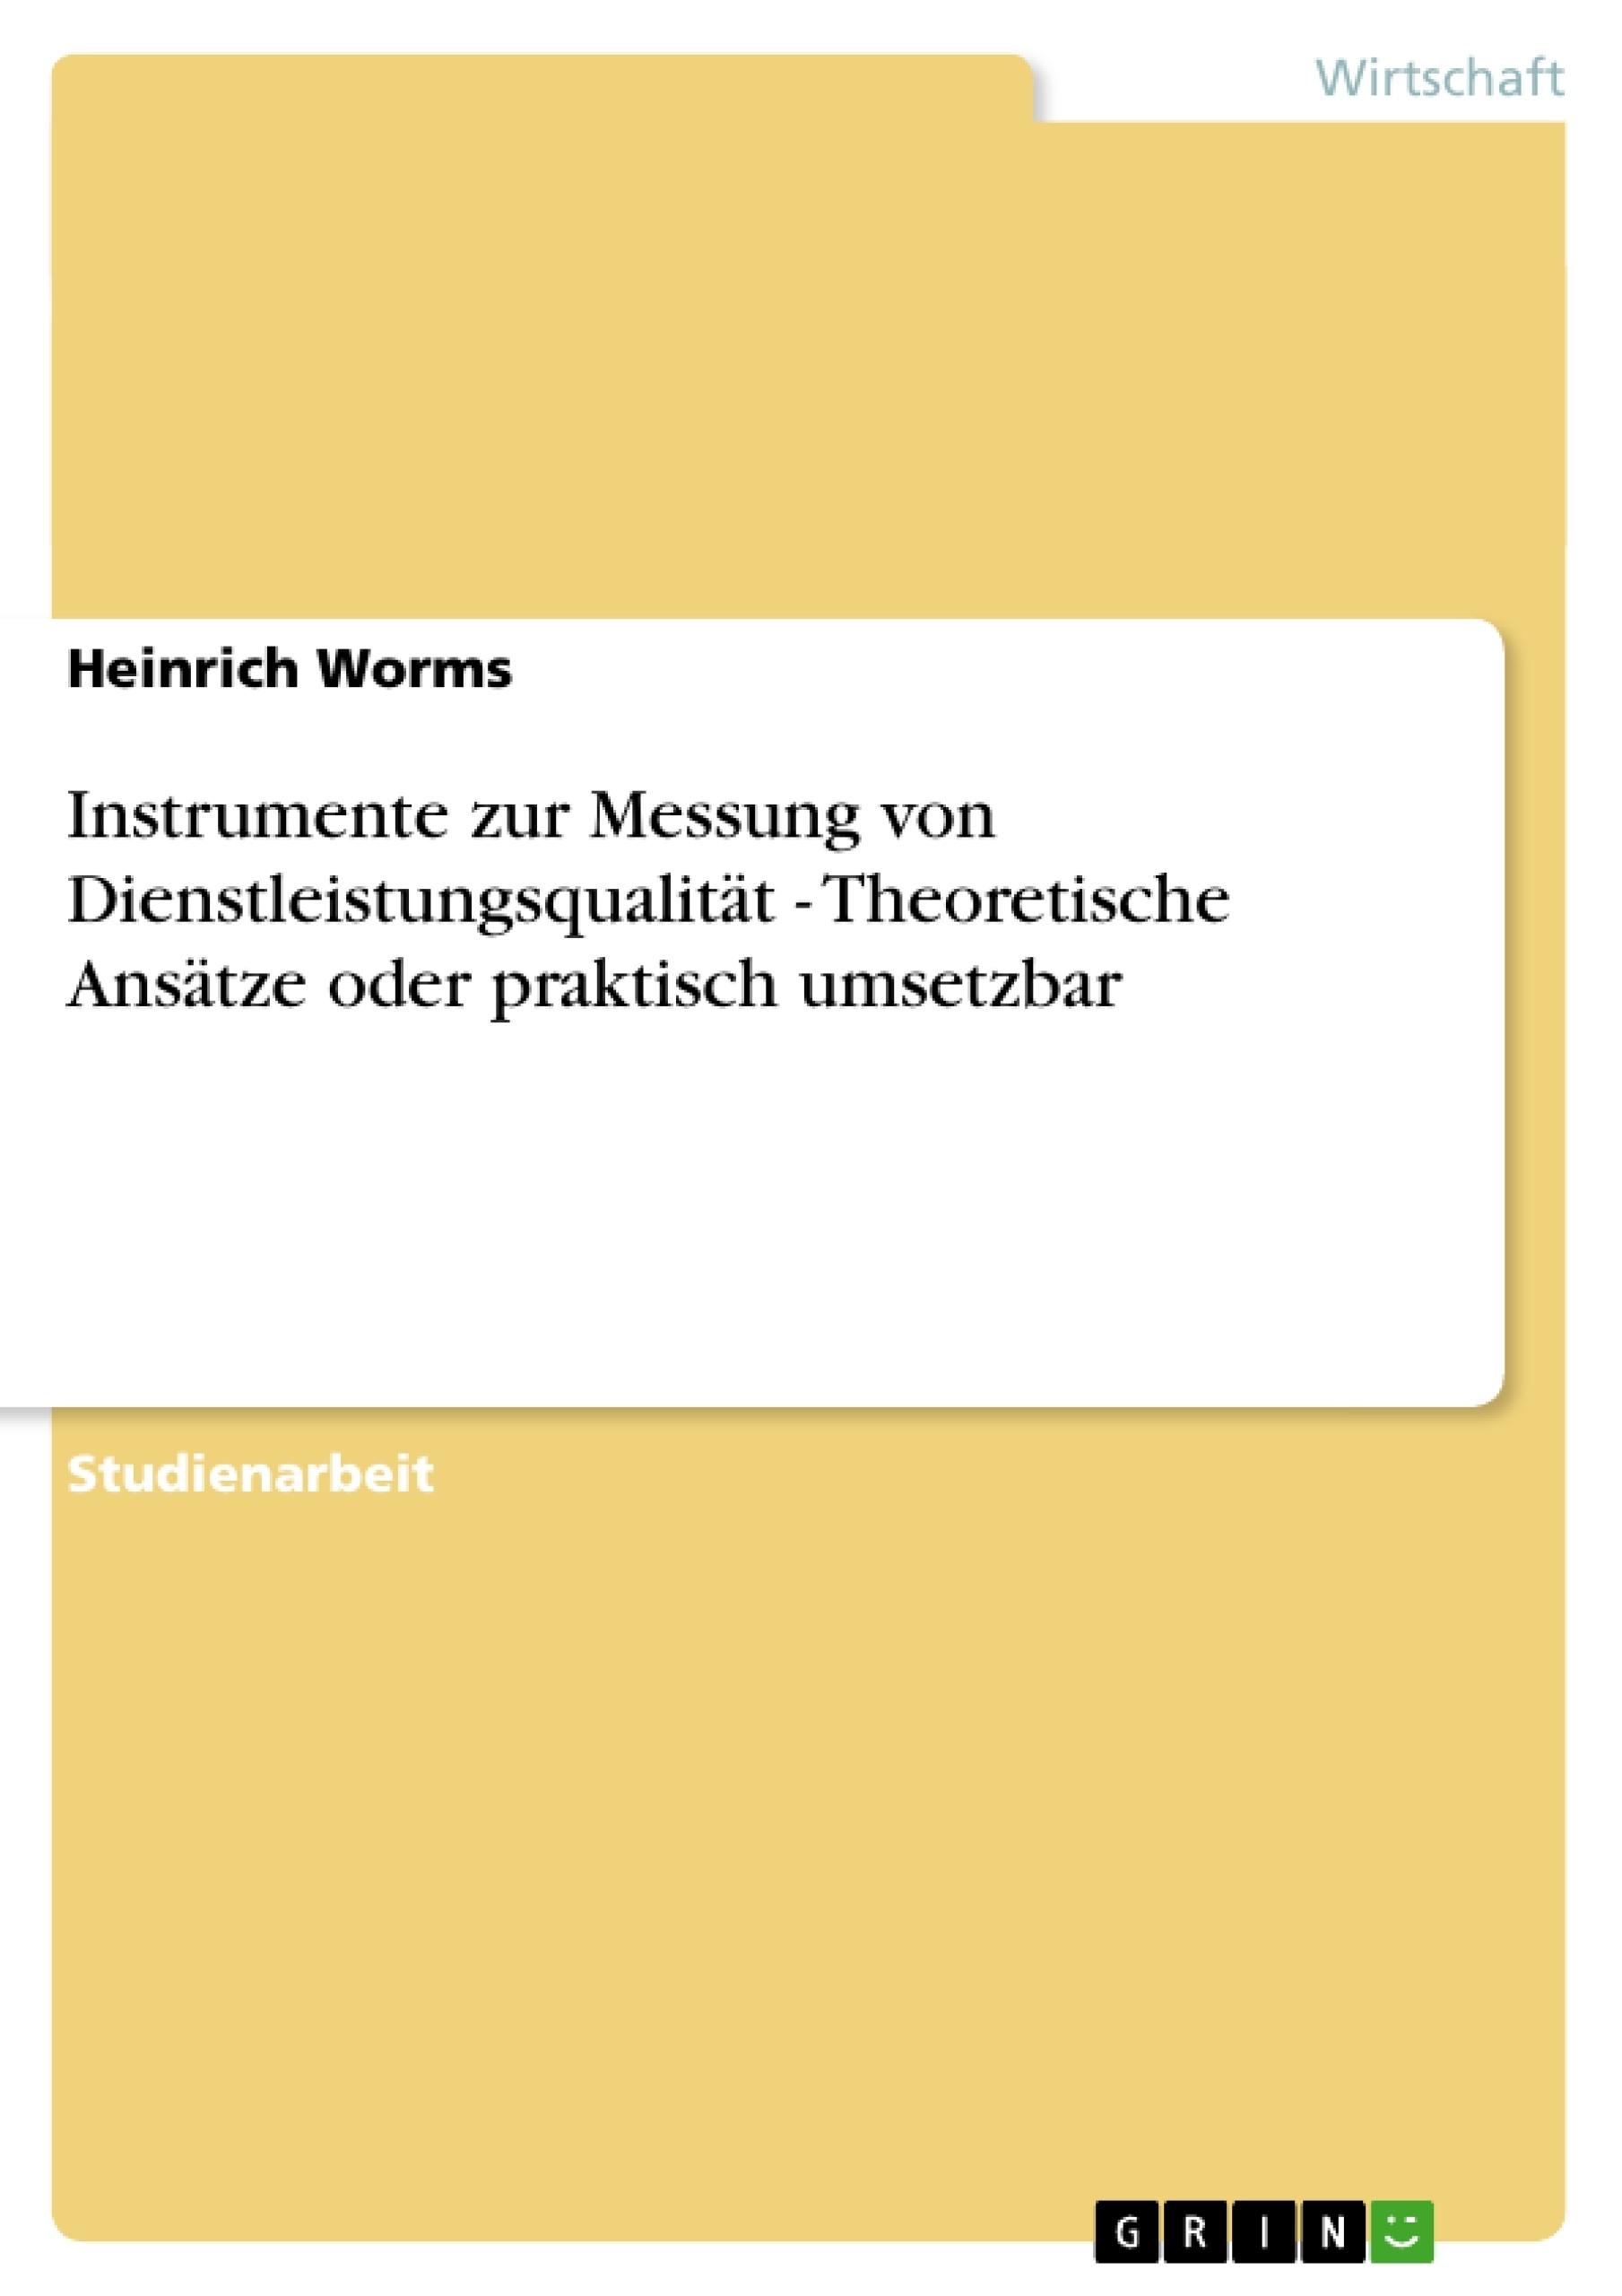 Titel: Instrumente zur Messung von Dienstleistungsqualität - Theoretische Ansätze oder praktisch umsetzbar